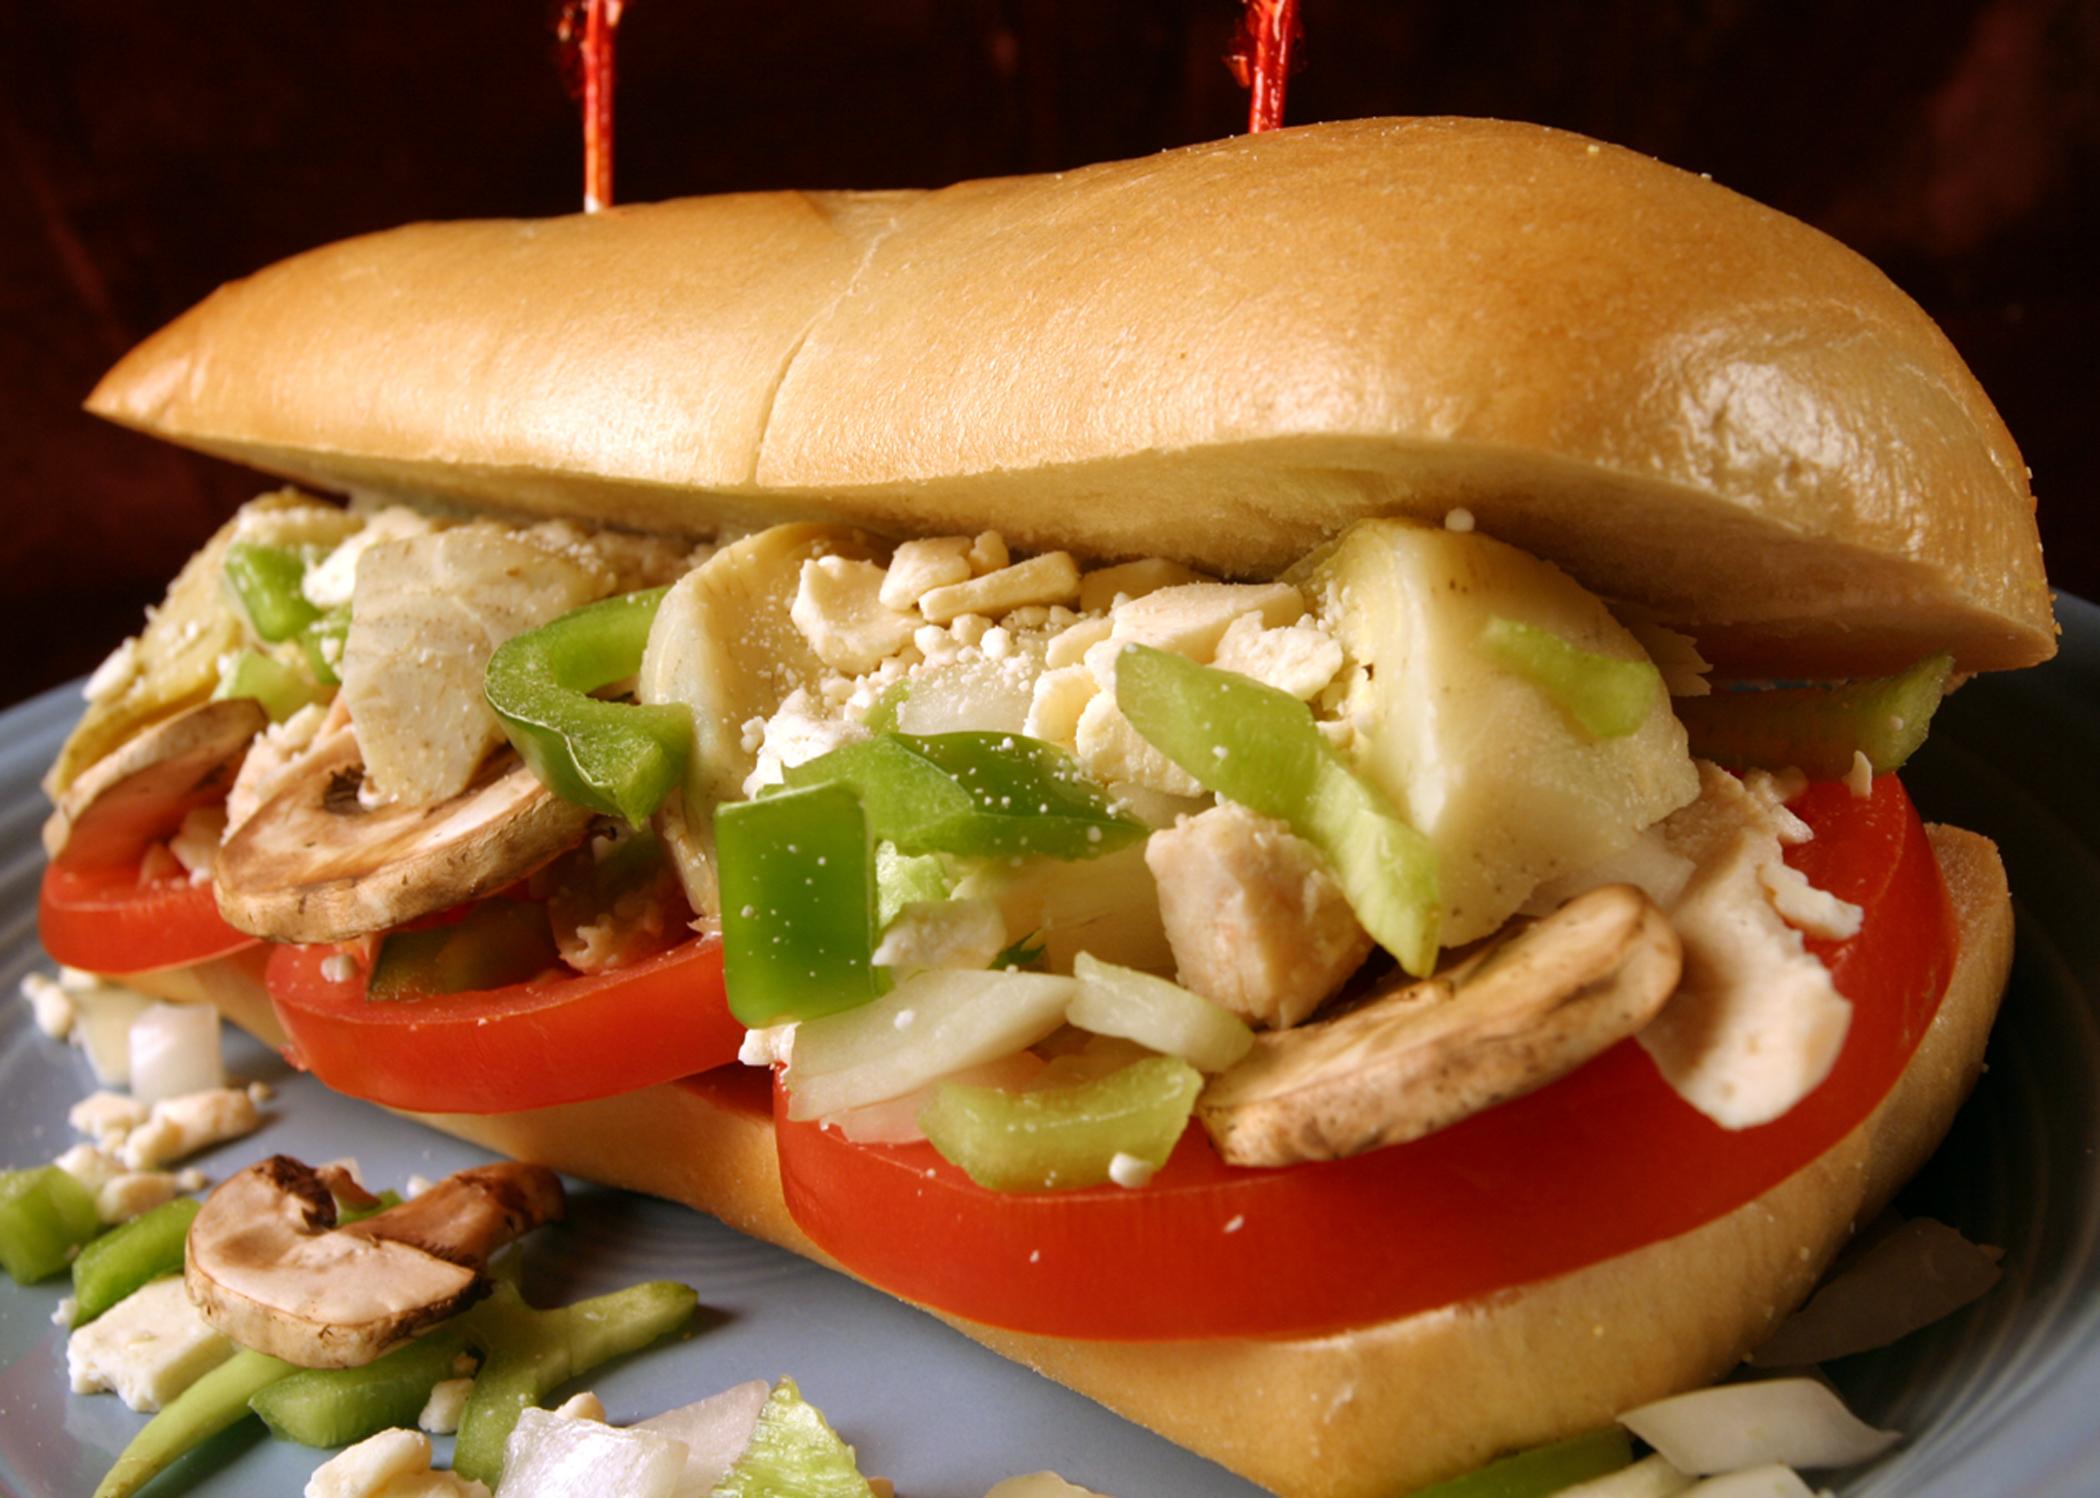 best Greek chicken sandwich in post falls